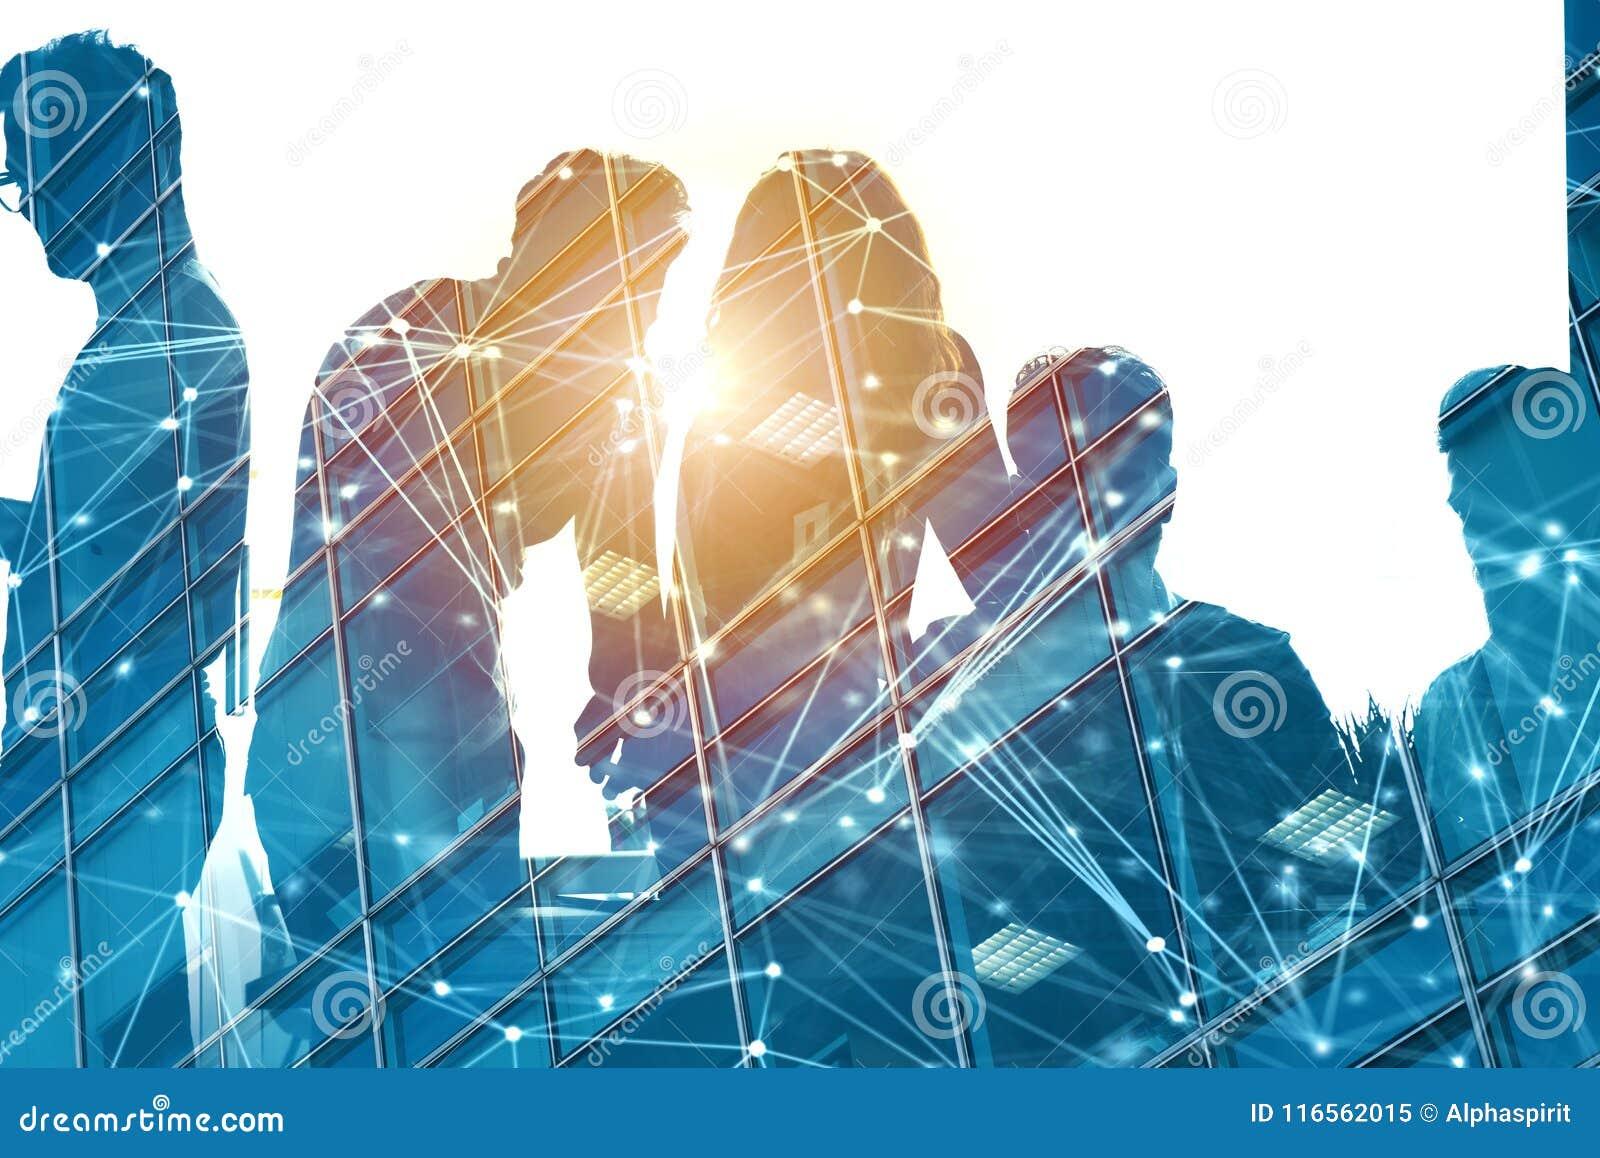 Geschäftsmänner, die im Büro mit Netzeffekt zusammenarbeiten Konzept der Teamwork und der Partnerschaft Doppelte Berührung